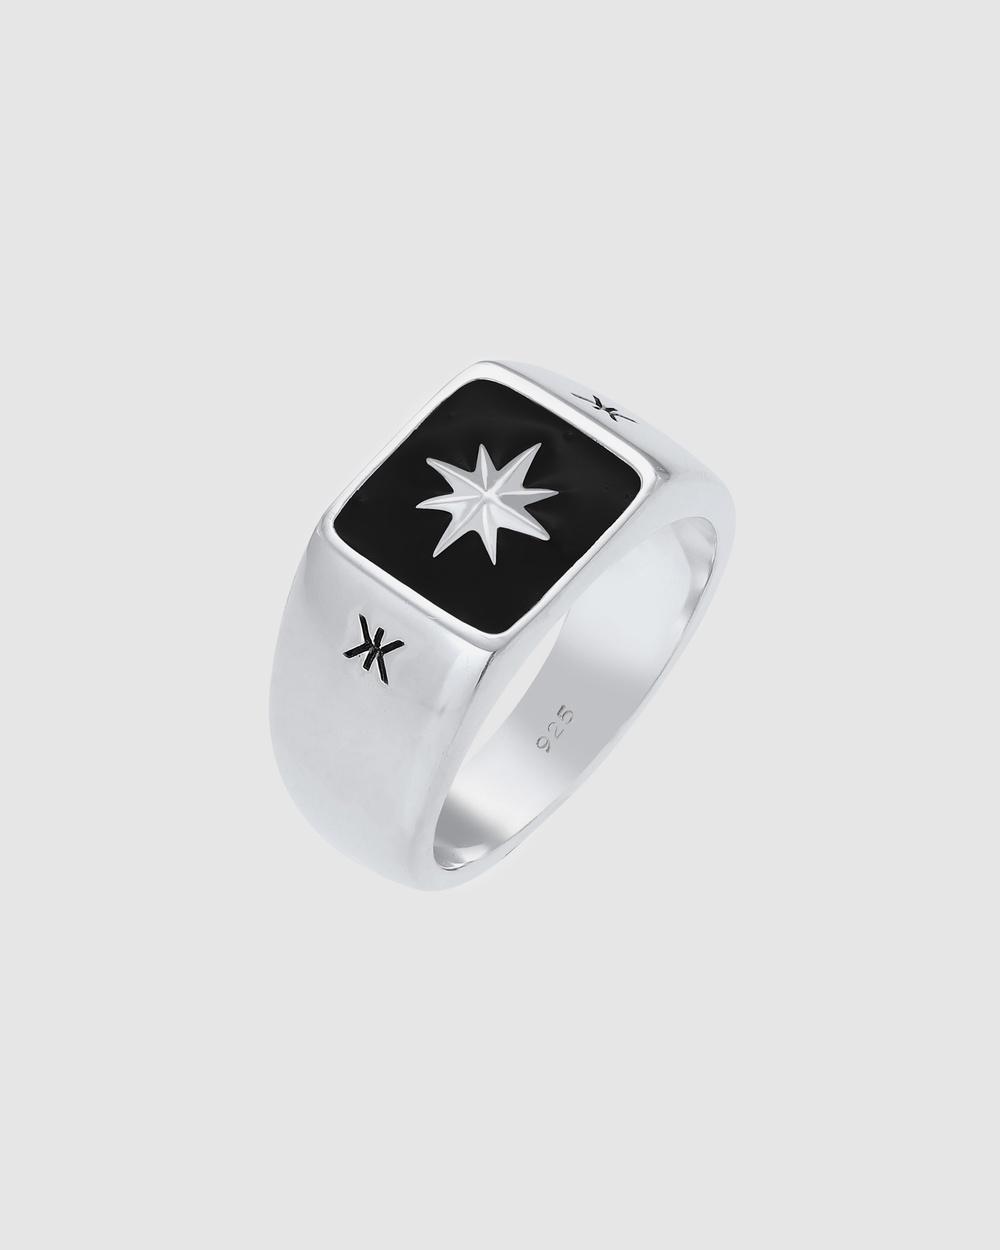 Kuzzoi Ring Signet Black Enamel Star Massive in 925 Sterling Silver Jewellery Silver